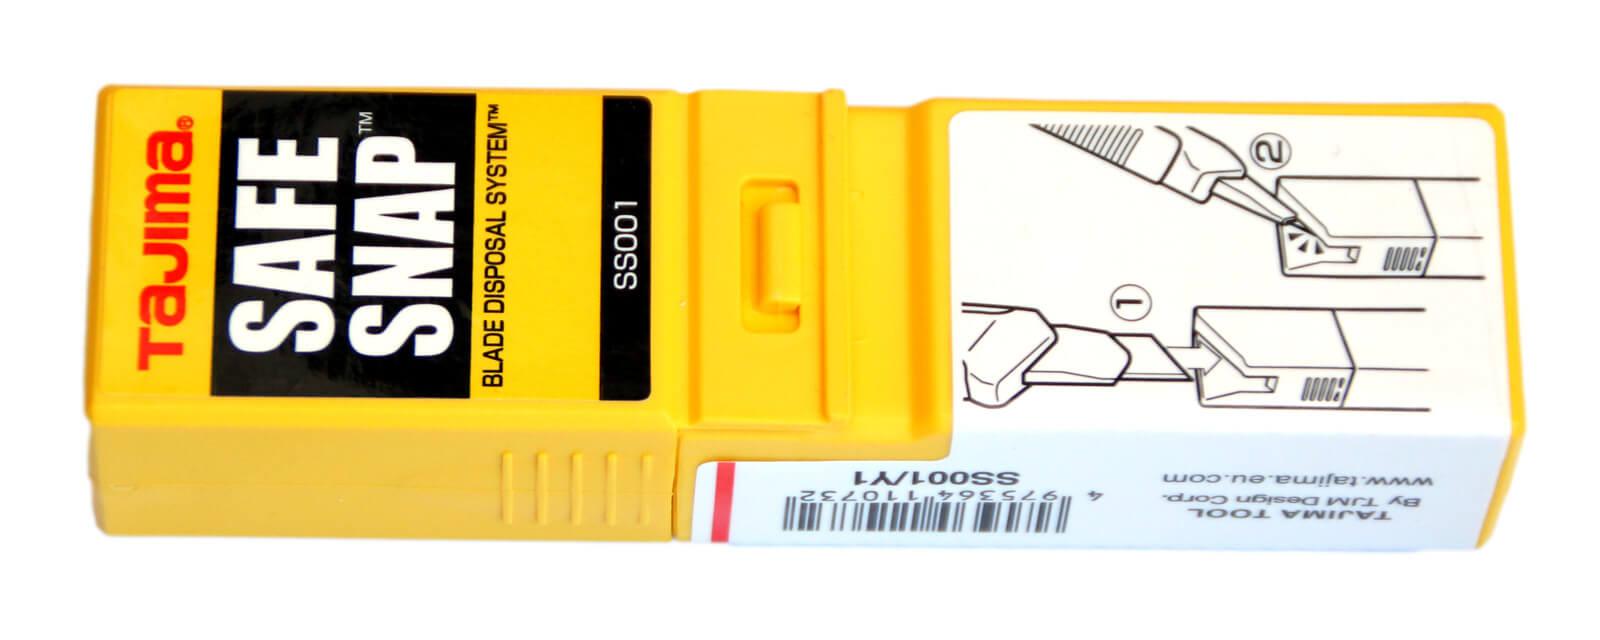 Z002-Klingenbox-für-verbrauchte-stumpfe-Klingen-mit-Abbrechhilfe-Safe-Snap-widerverwendbar-CURT-tools